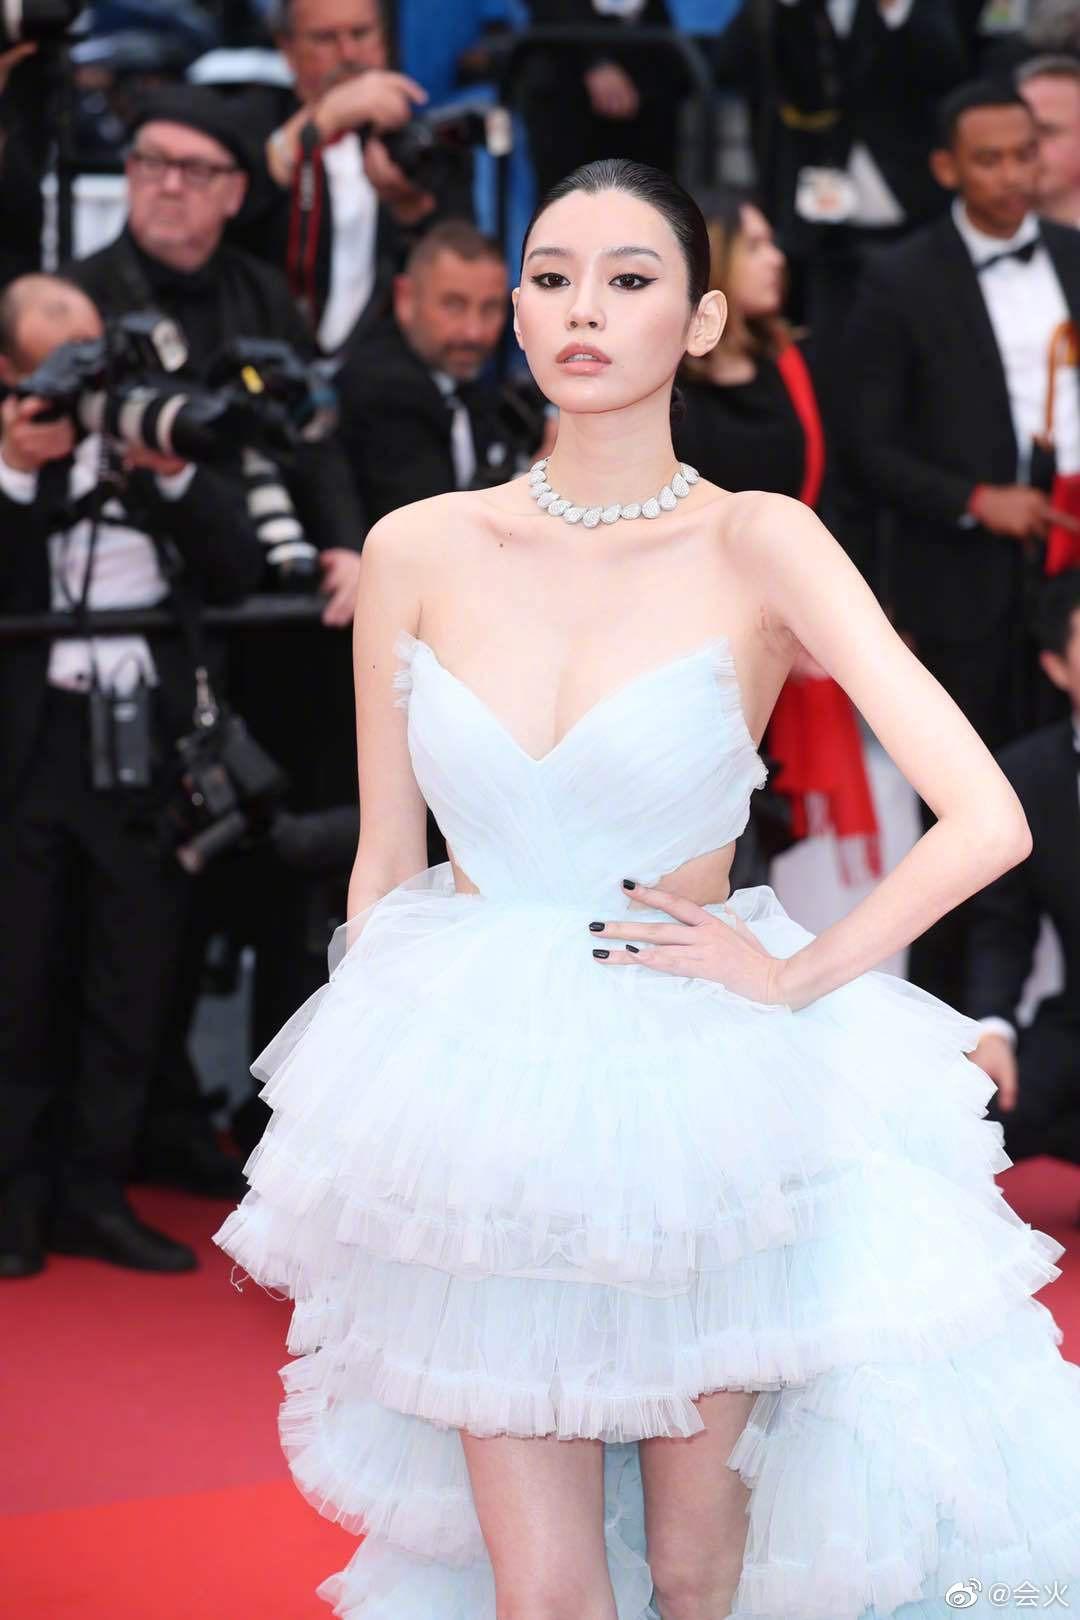 Vòng eo ngấn mỡ tại Cannes là minh chứng cưới chạy bầu của Ming Xi với thiếu gia tỷ đô Hà Du Quân? - Ảnh 7.